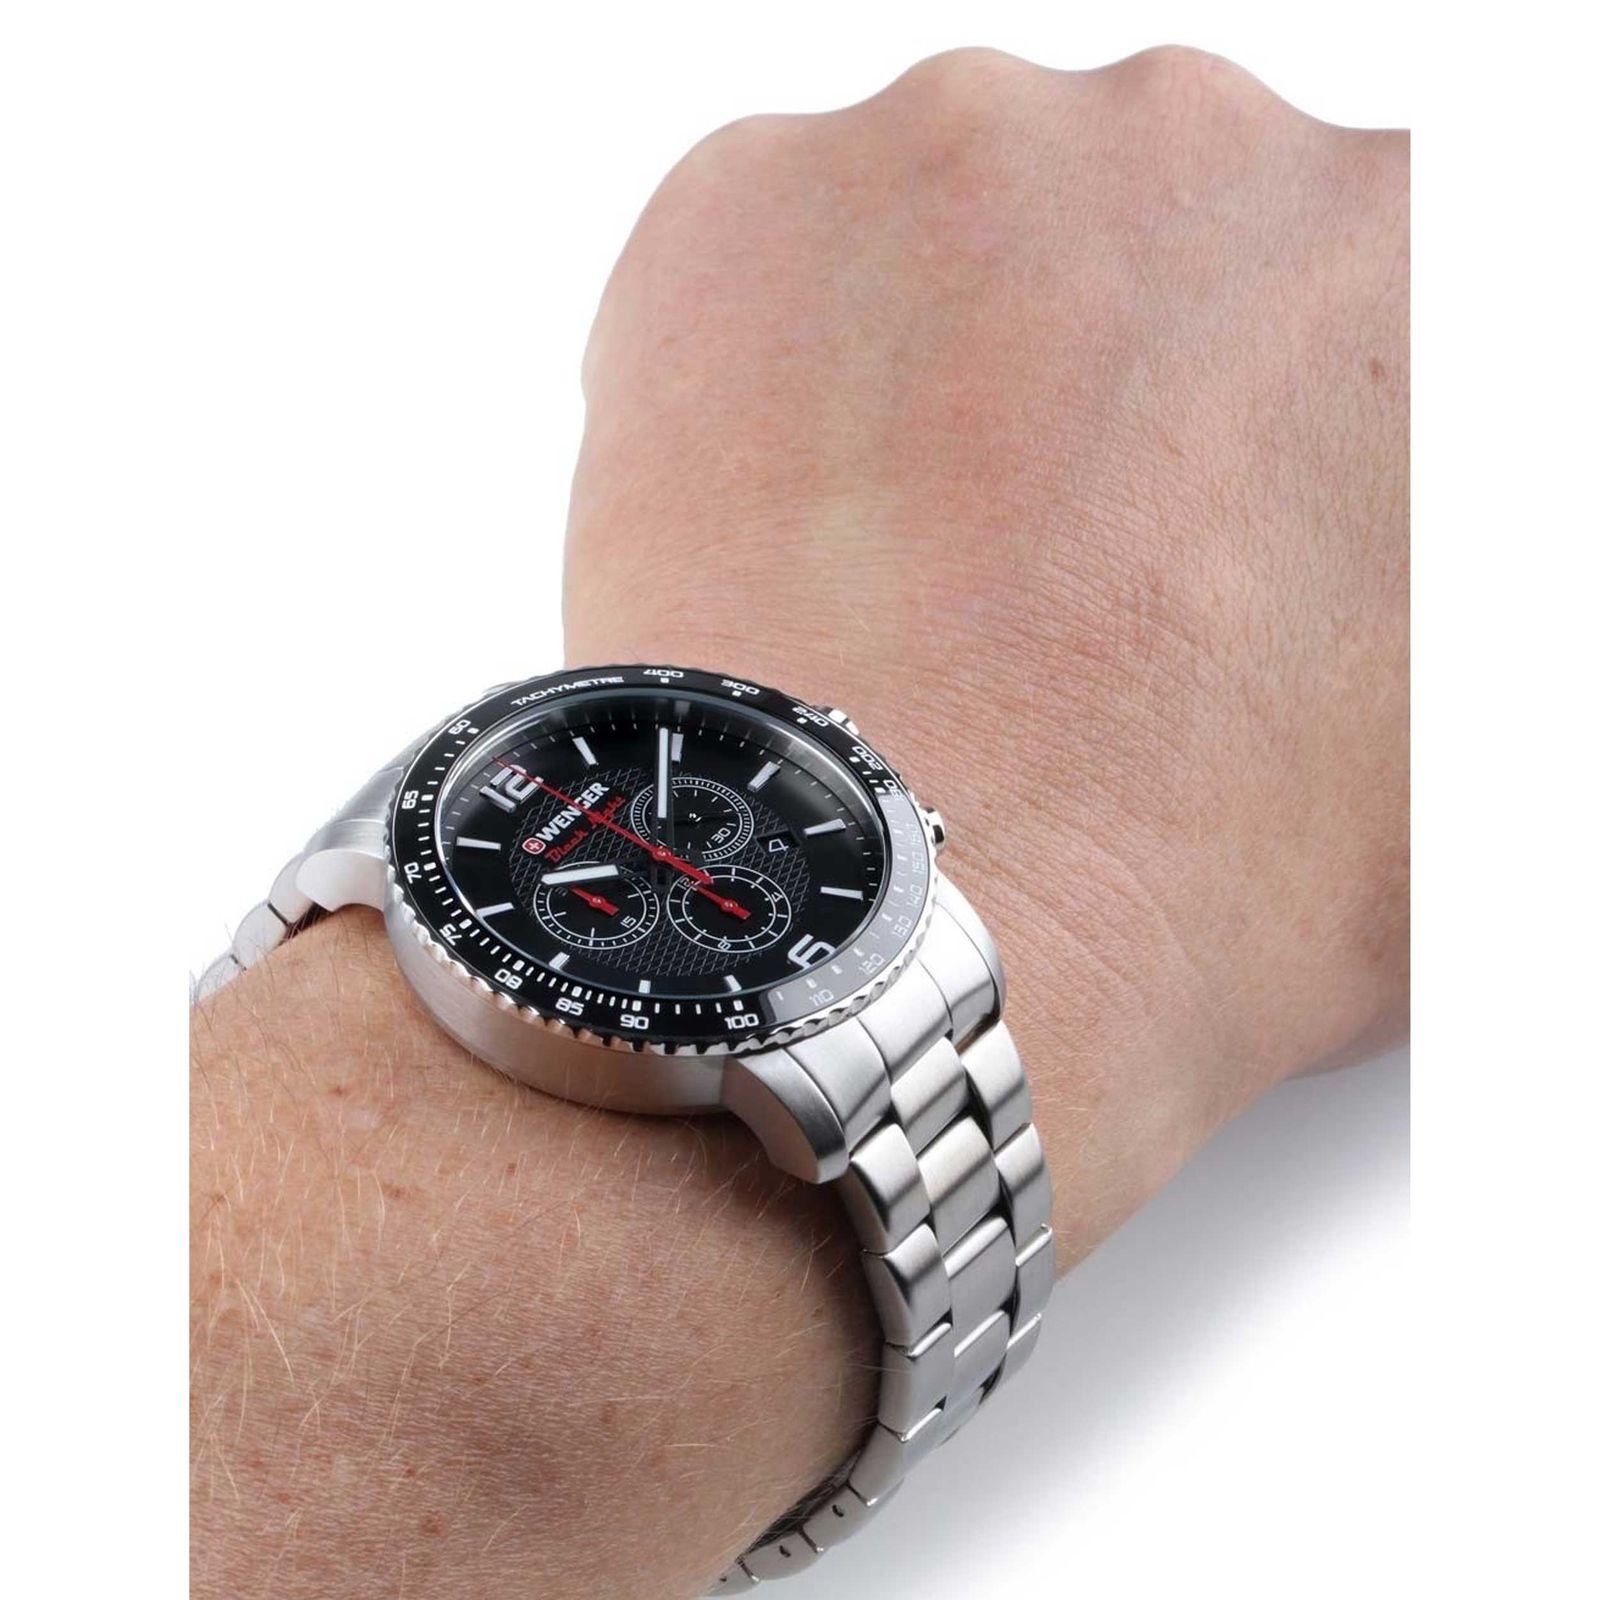 ساعت مچی عقربه ای مردانه ونگر مدل 01.1843.103 -  - 2